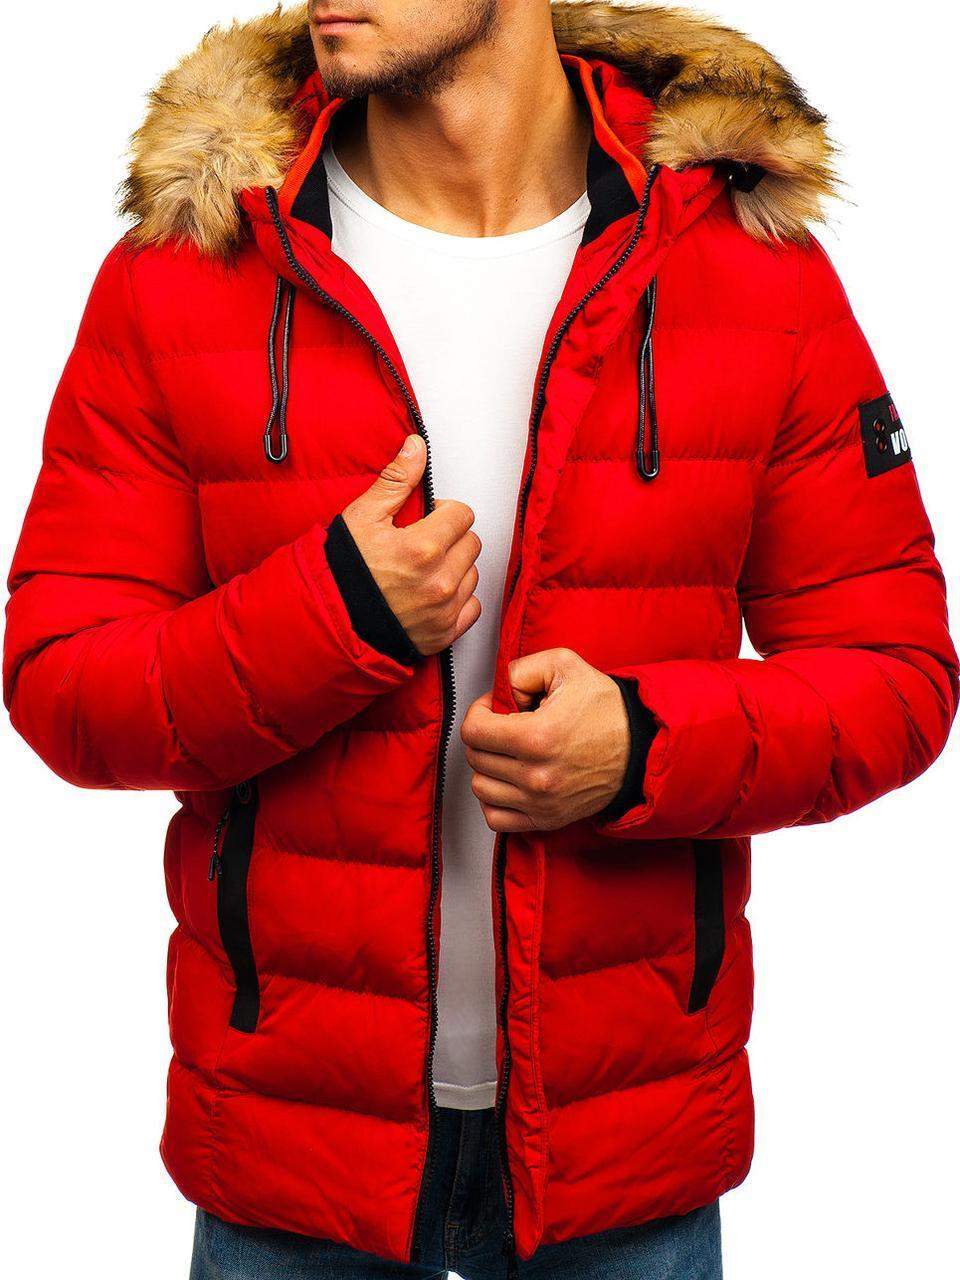 Зимняя стёганая мужская куртка с капюшоном №5 Красный